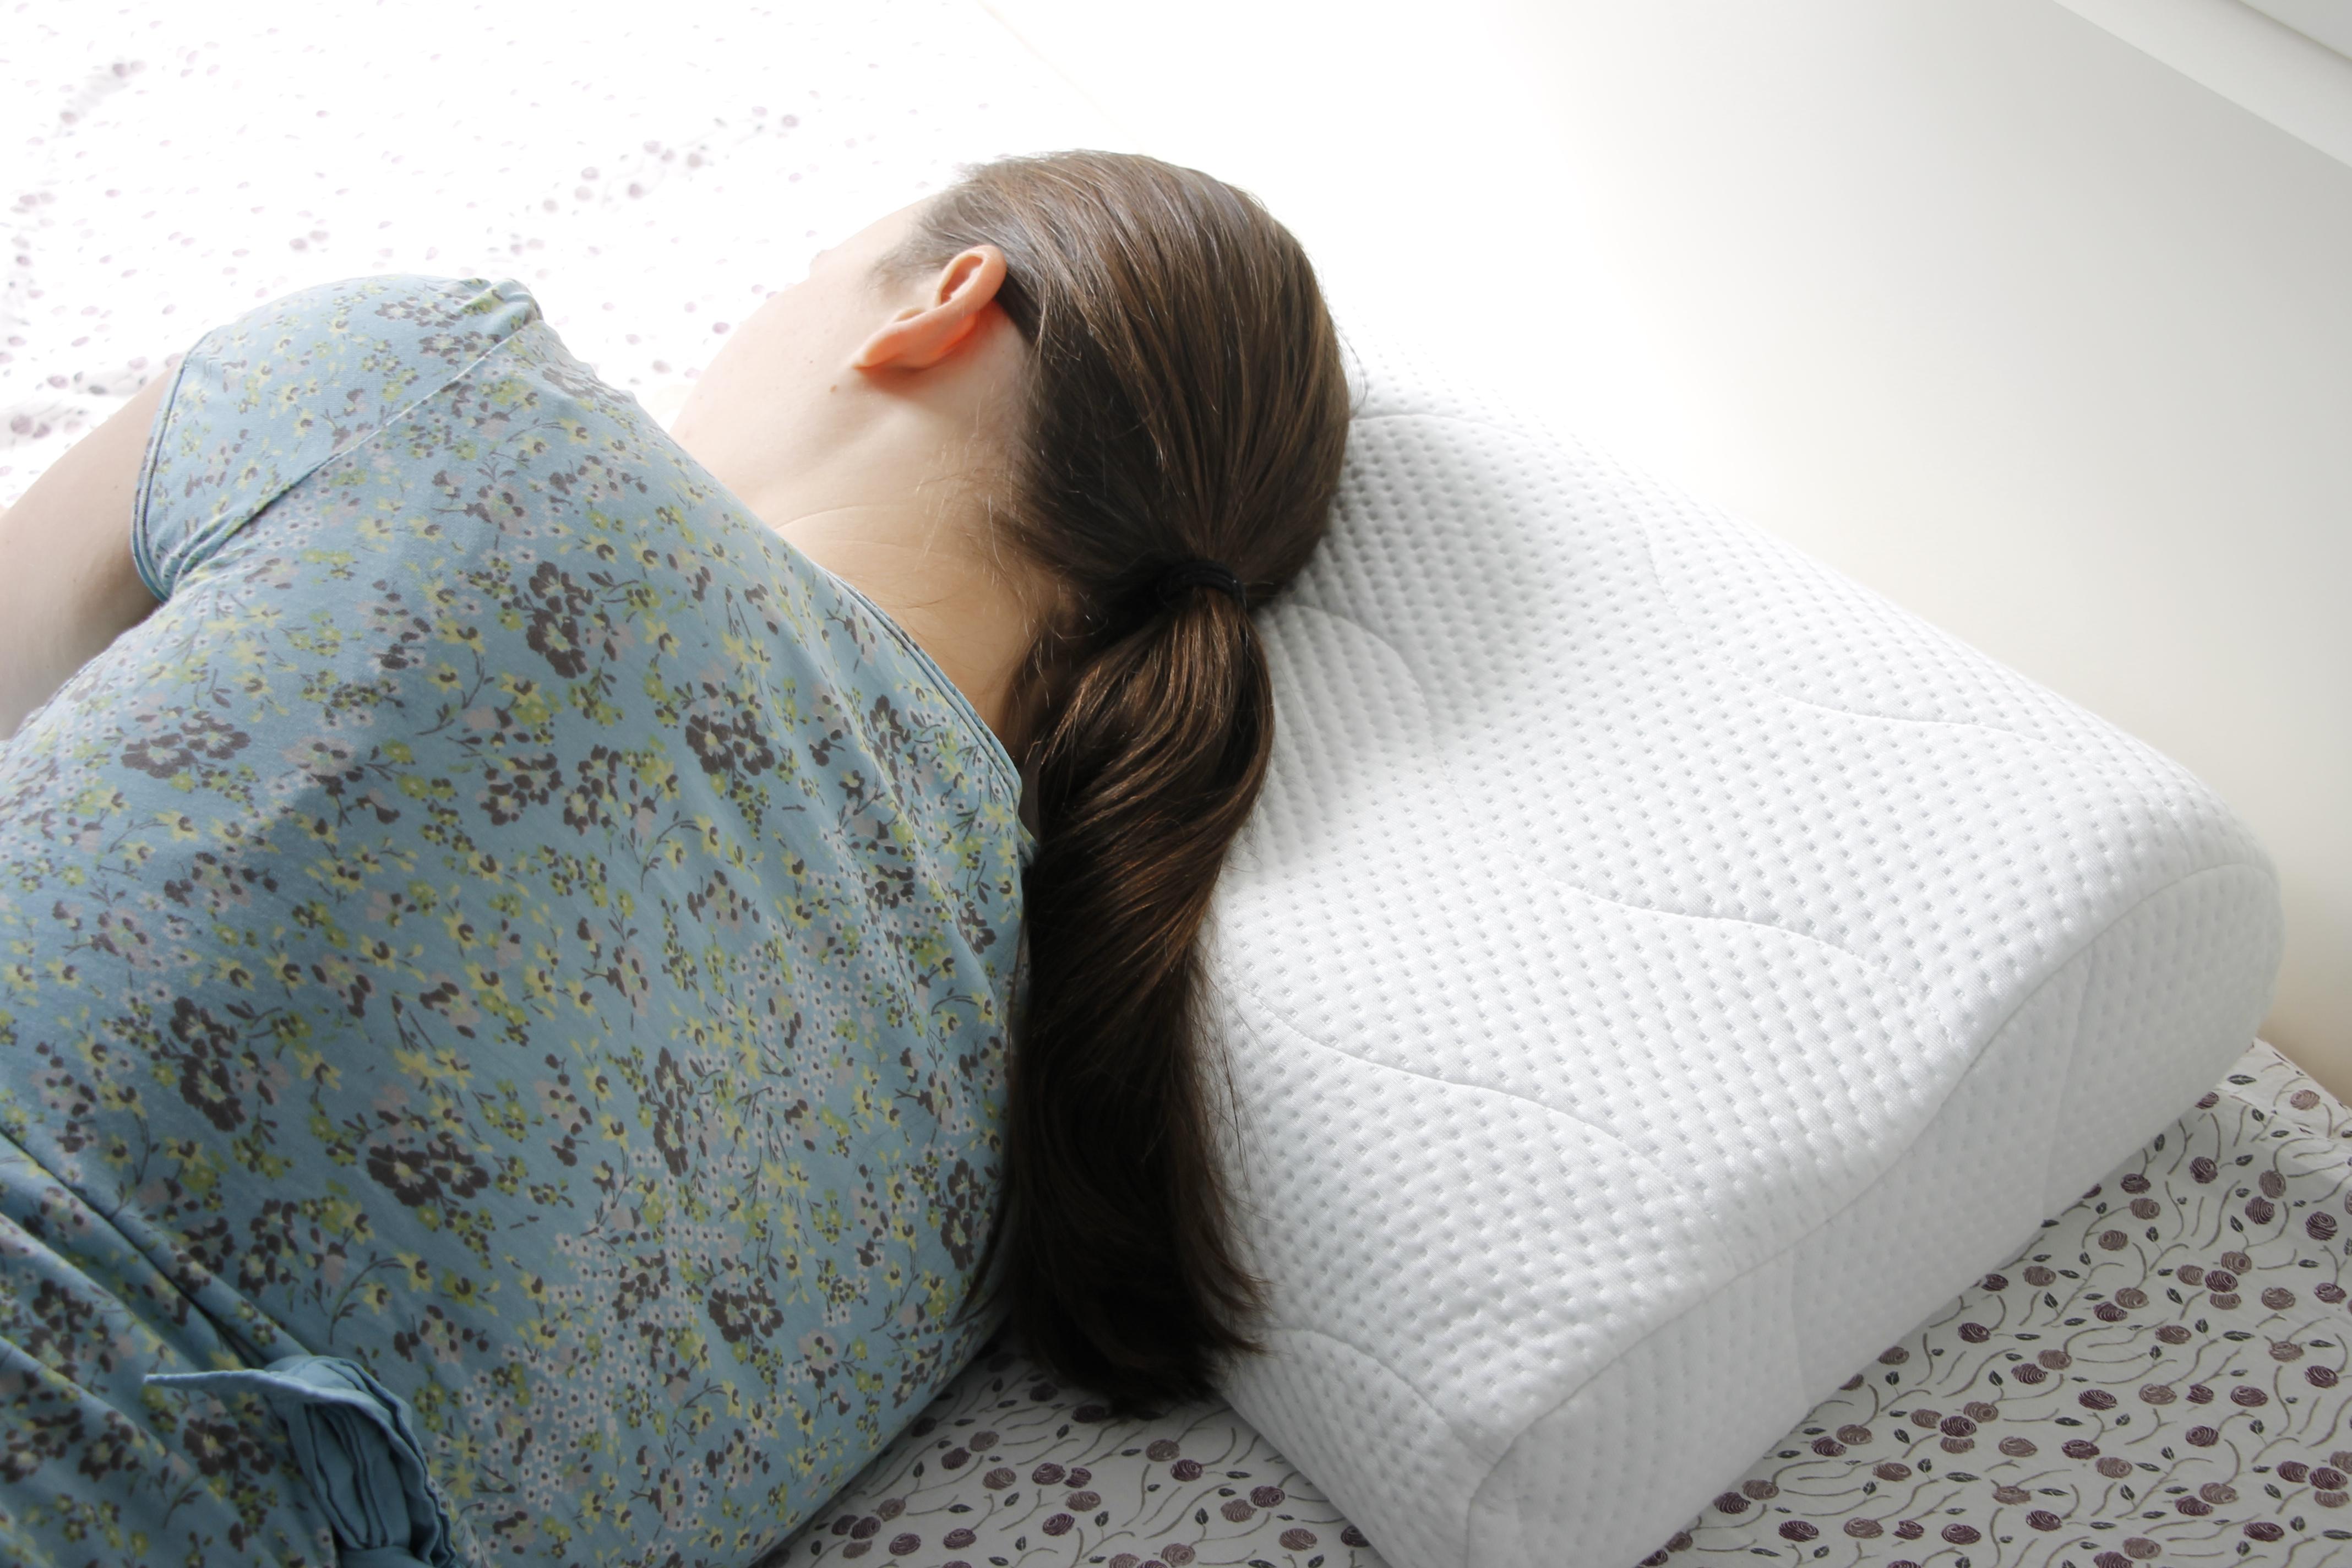 erholsamer schlaf dank buddy nackenkissen meine erfahrungen lavendelblog. Black Bedroom Furniture Sets. Home Design Ideas